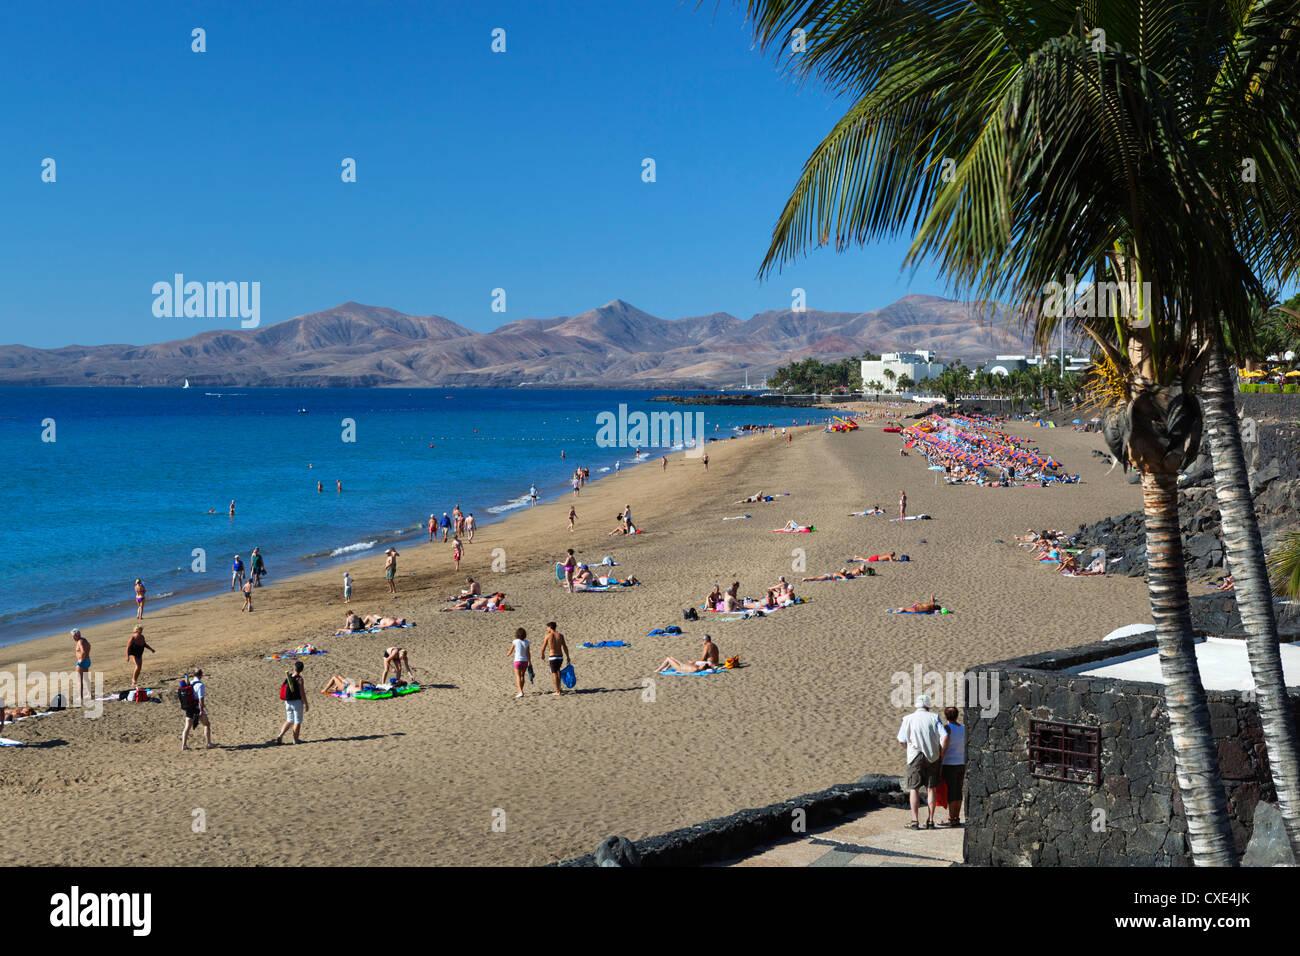 Playa Grande, Puerto del Carmen, Lanzarote, îles Canaries, Espagne Banque D'Images